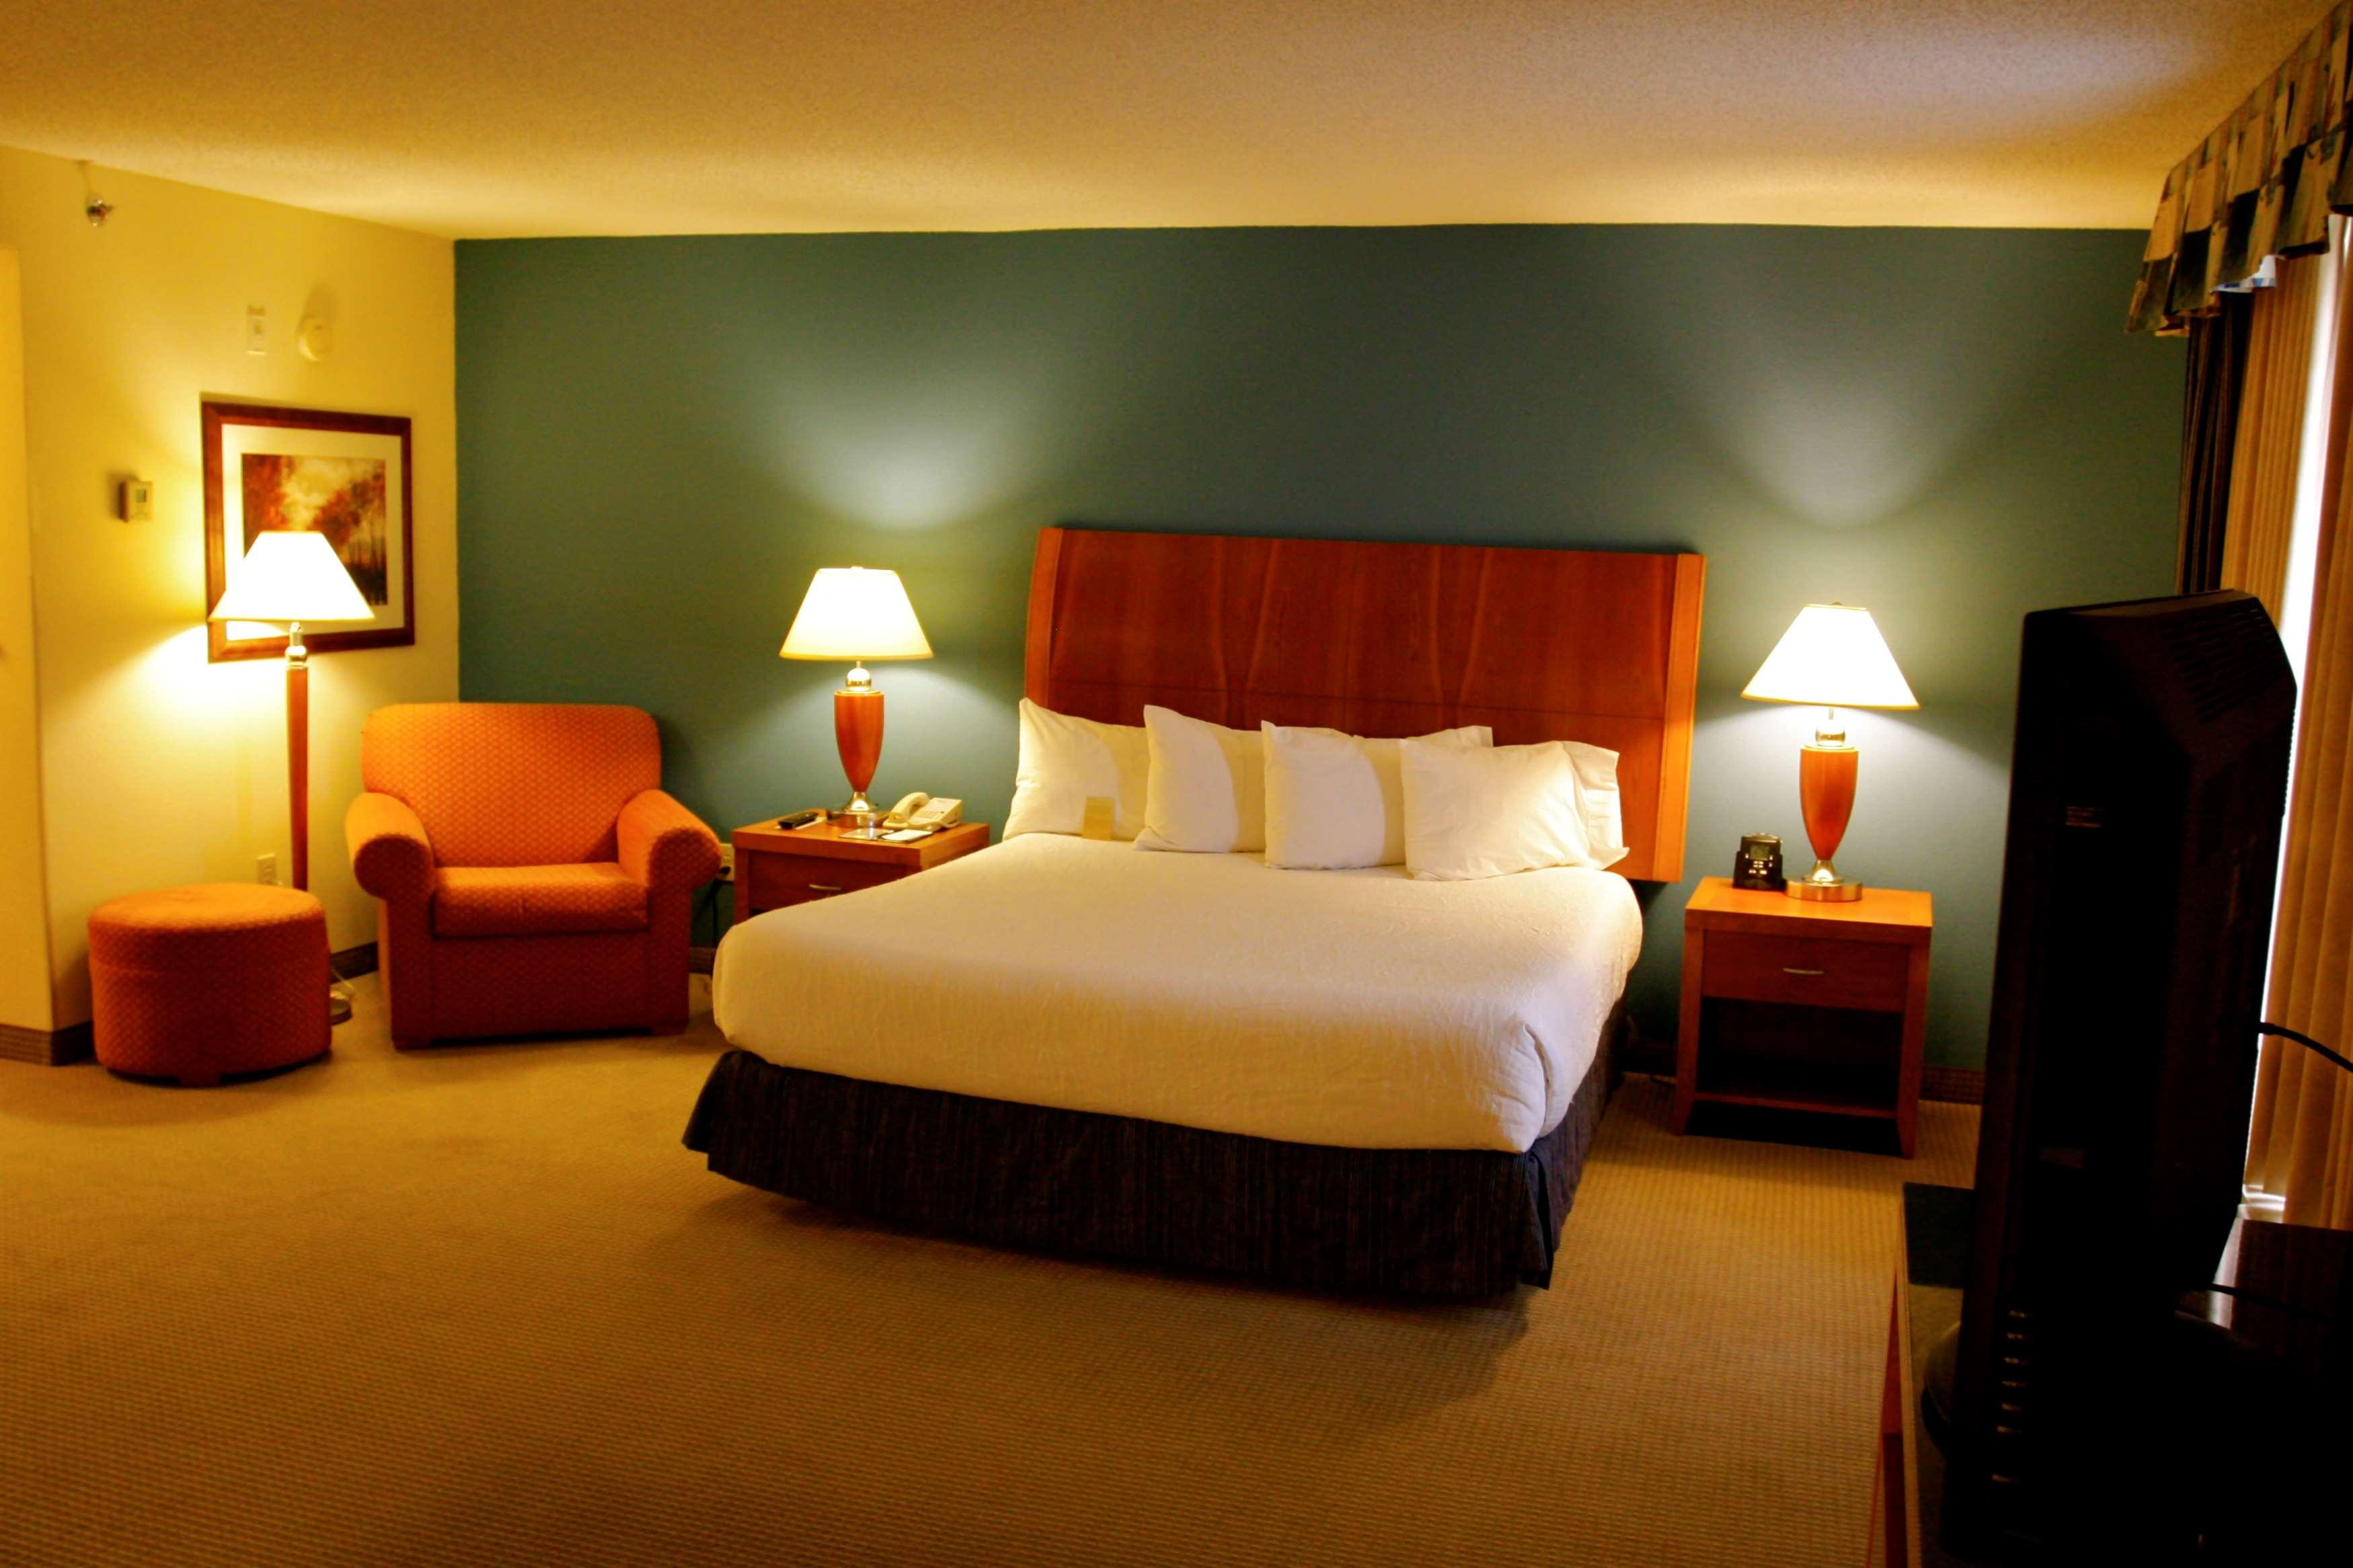 Hilton Garden Inn Albany image 19